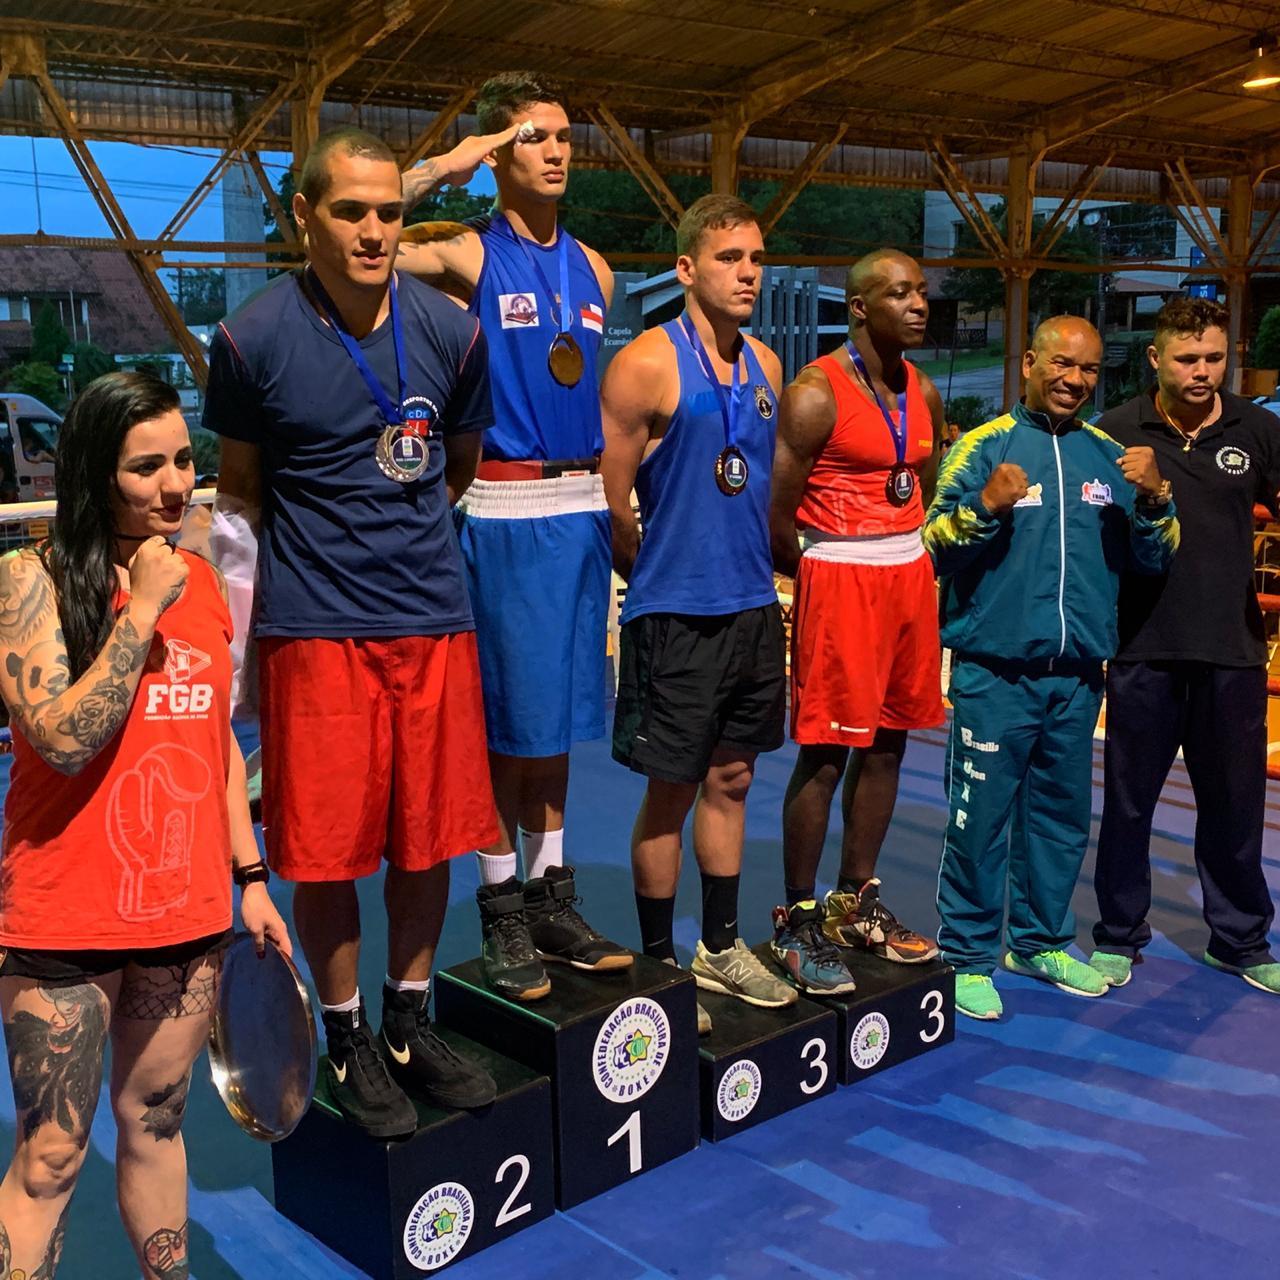 Militares atletas dominam o Campeonato Brasileiro de Boxe